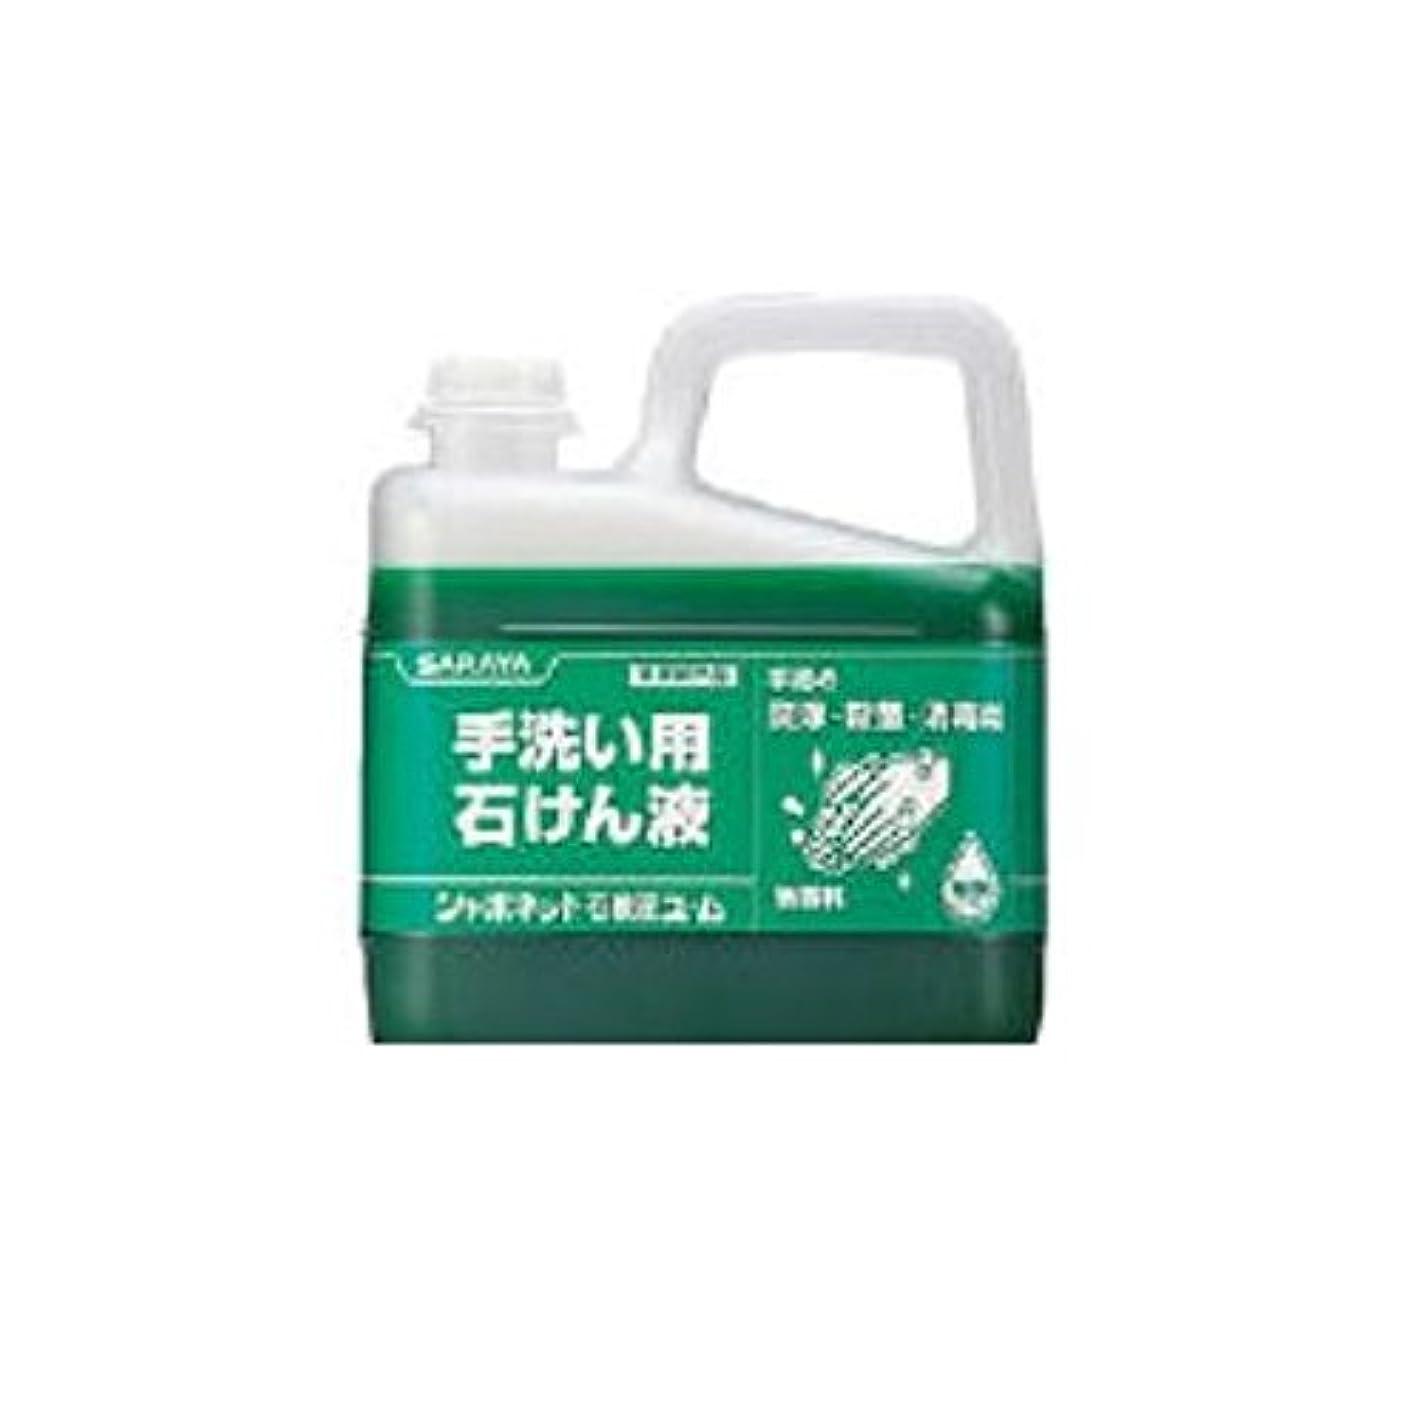 電話するエチケット強制FU50524 ハンドソープ シャボネット石鹸液ユ?ム 5kg